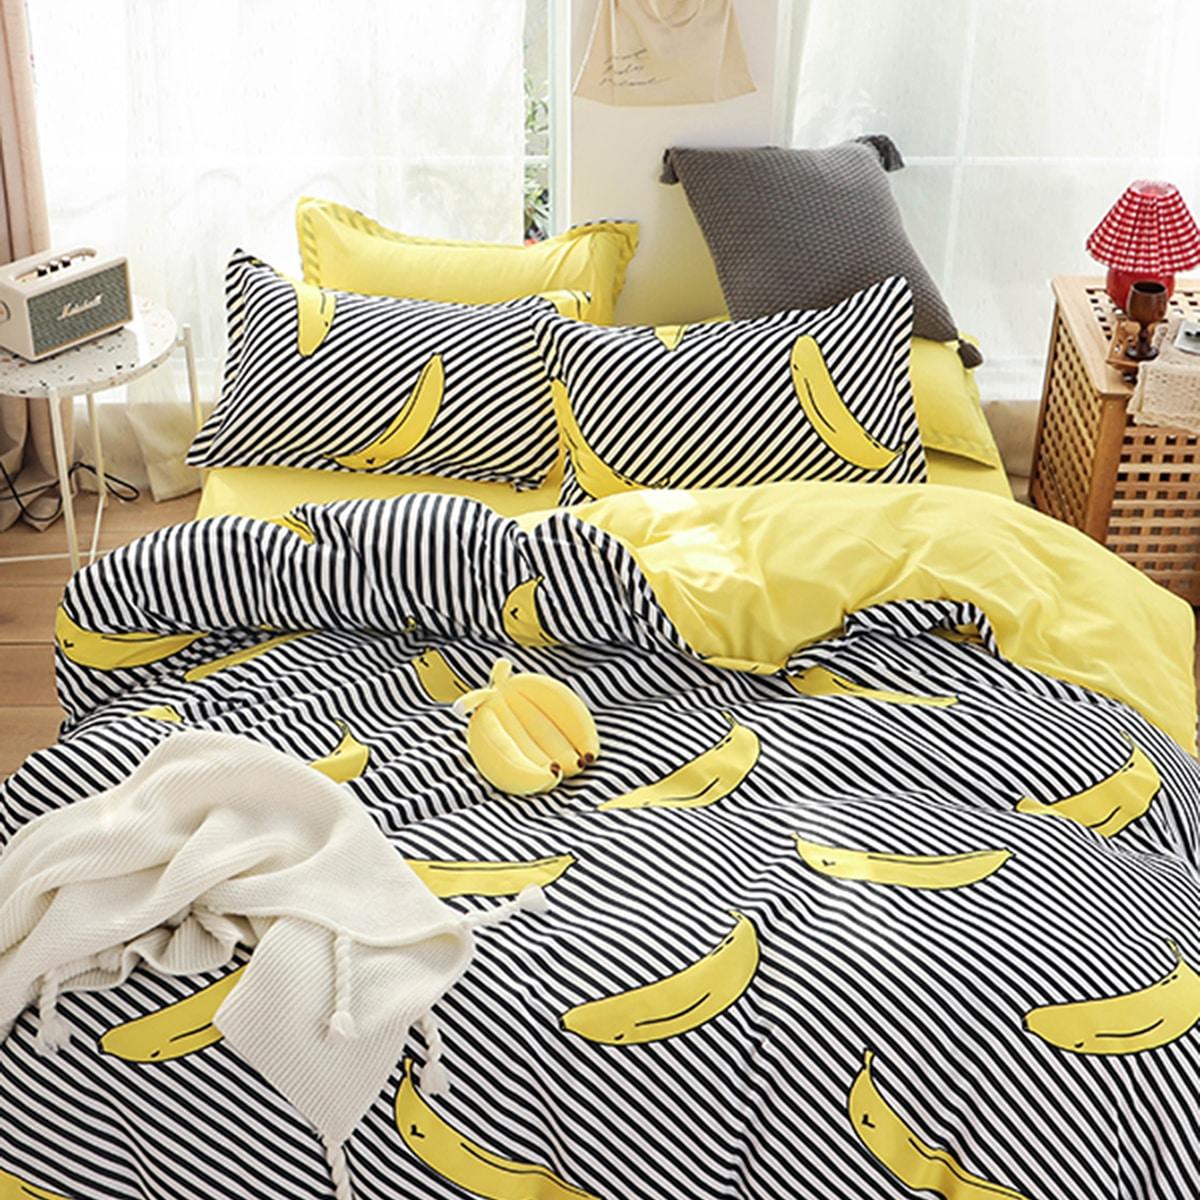 Комплект постельного белья с банановым принтом без наполнителя фото